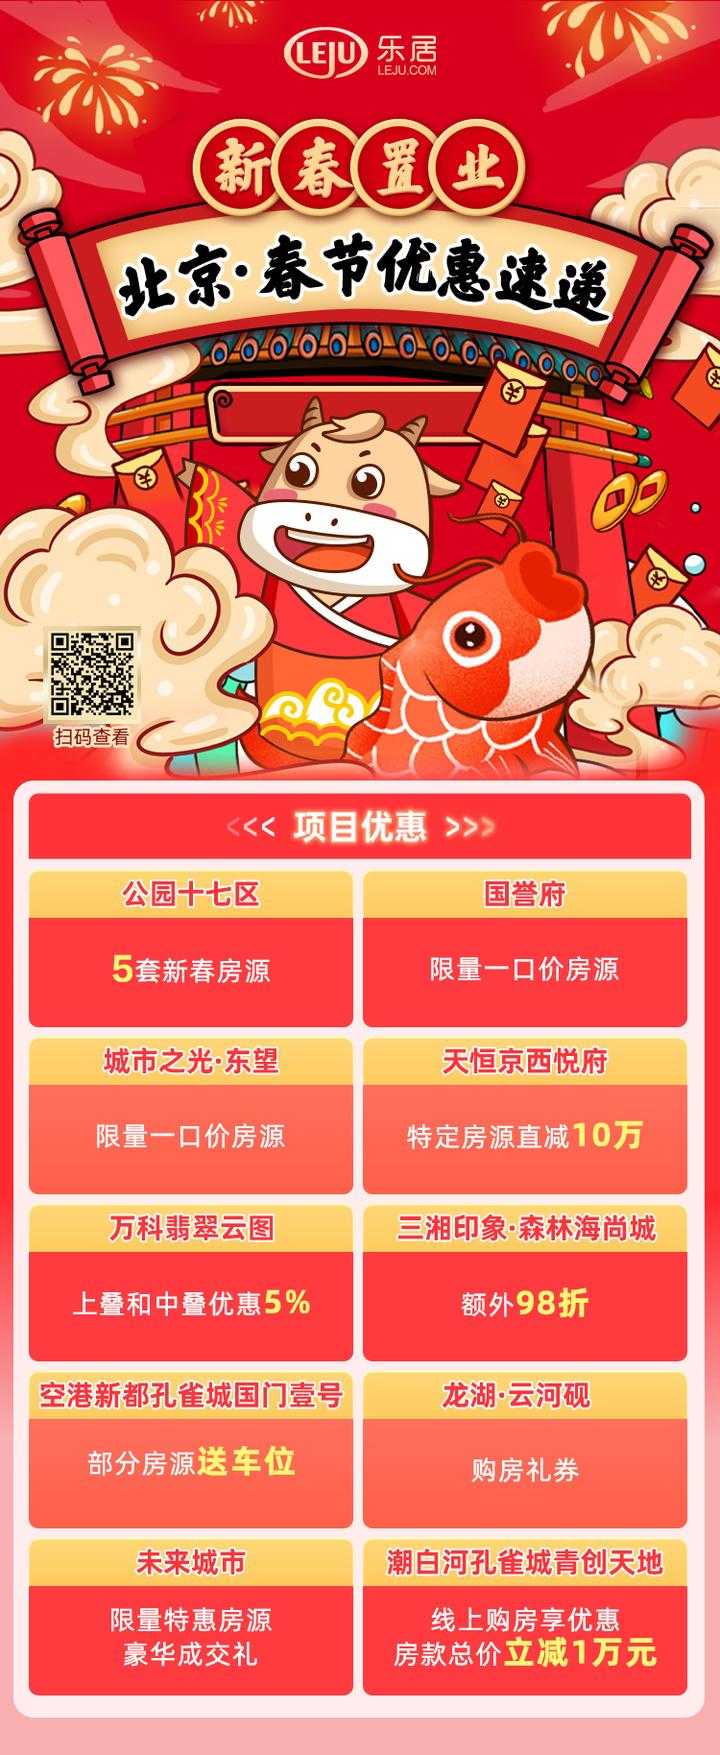 北京春节售楼处调查:8成不打烊,更有多重好礼等你来